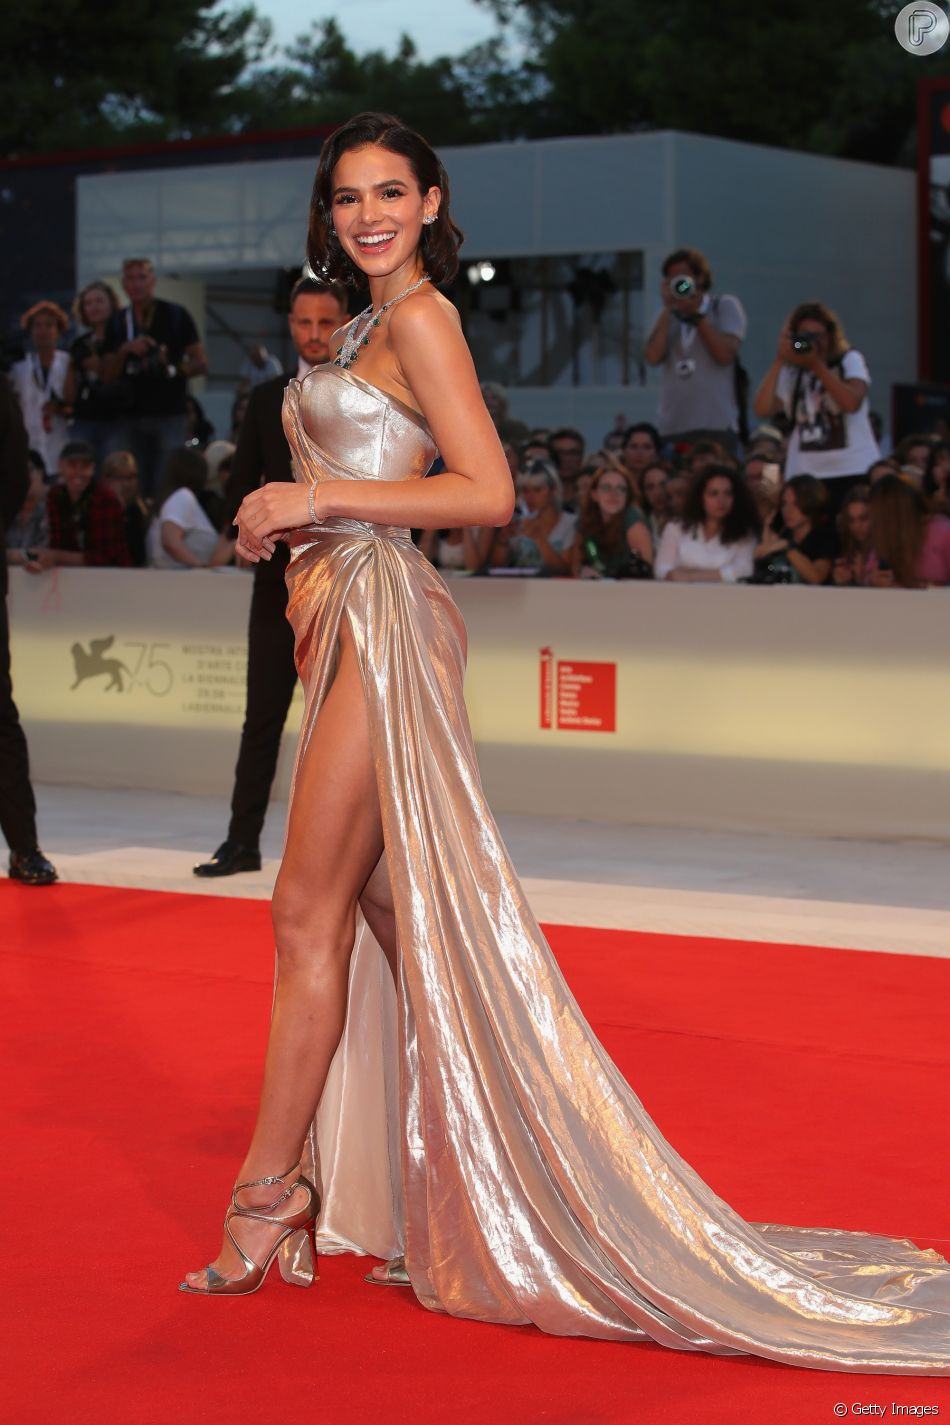 Bruna Marquezine deixou pernas à mostra em vestido fendado no Festival de Cinema de Veneza, na Itália